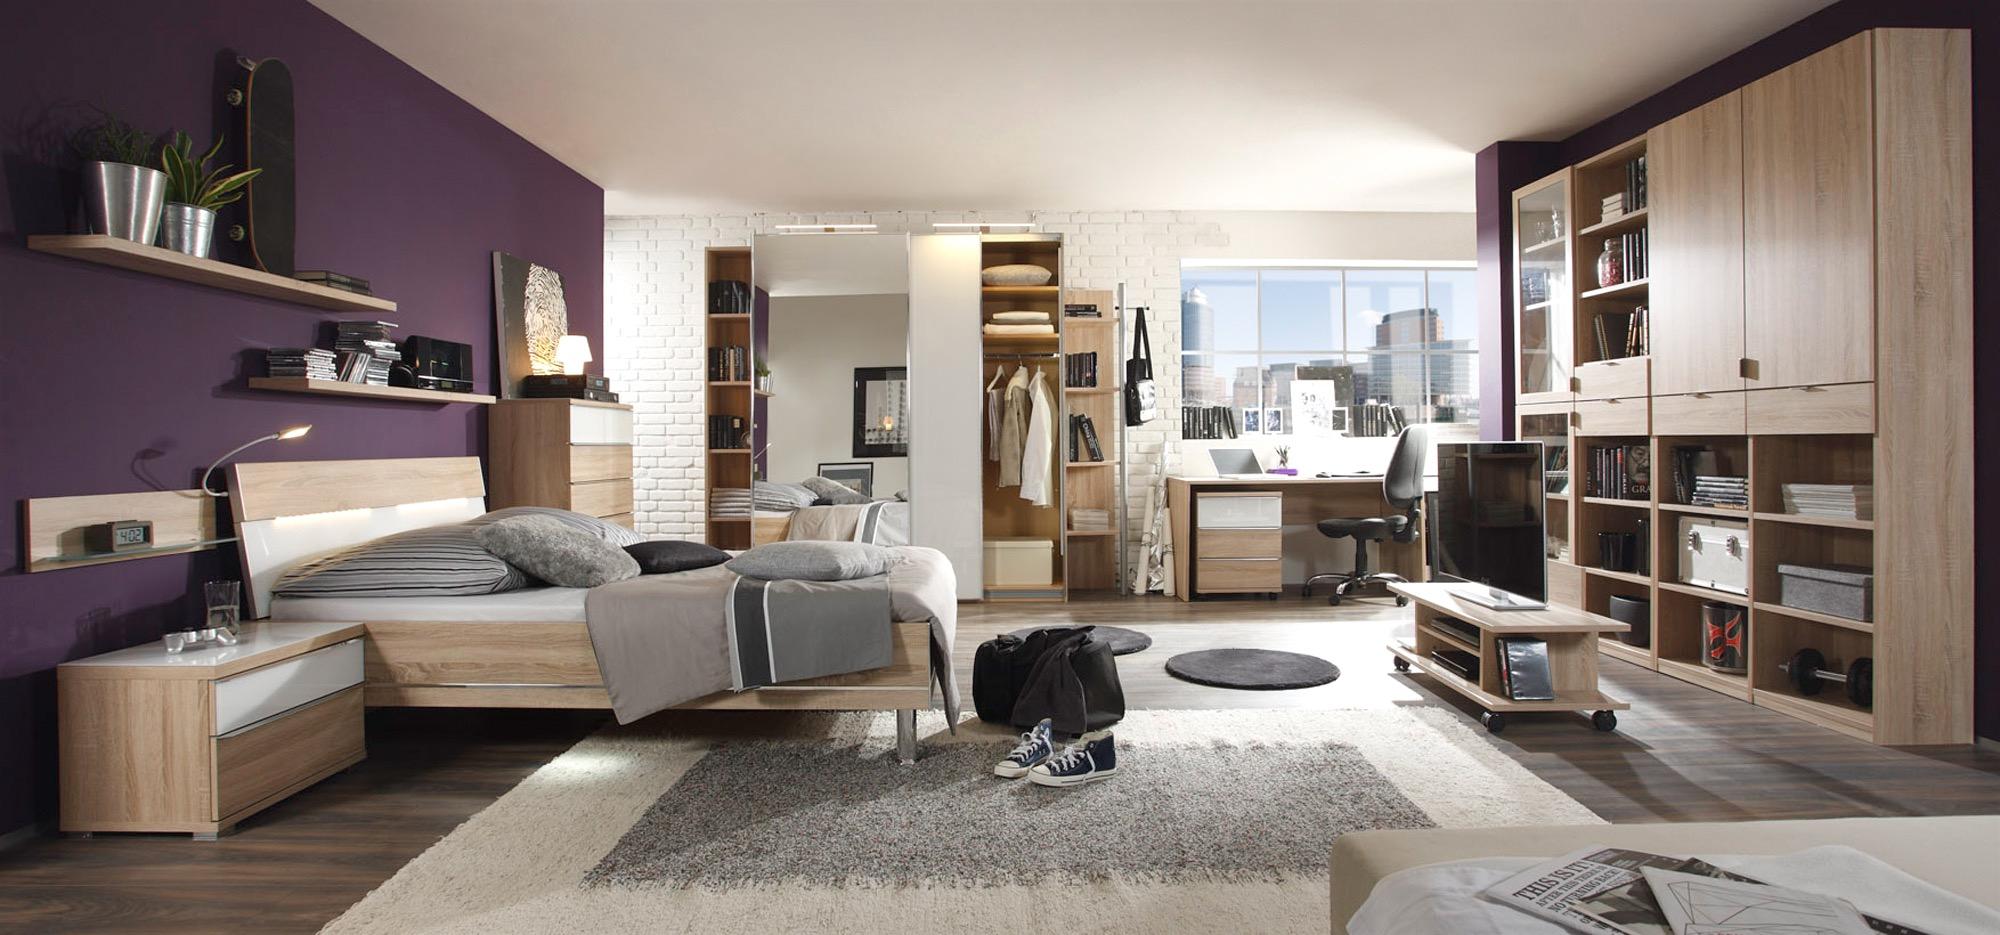 Интерьер квартиры студии для одного